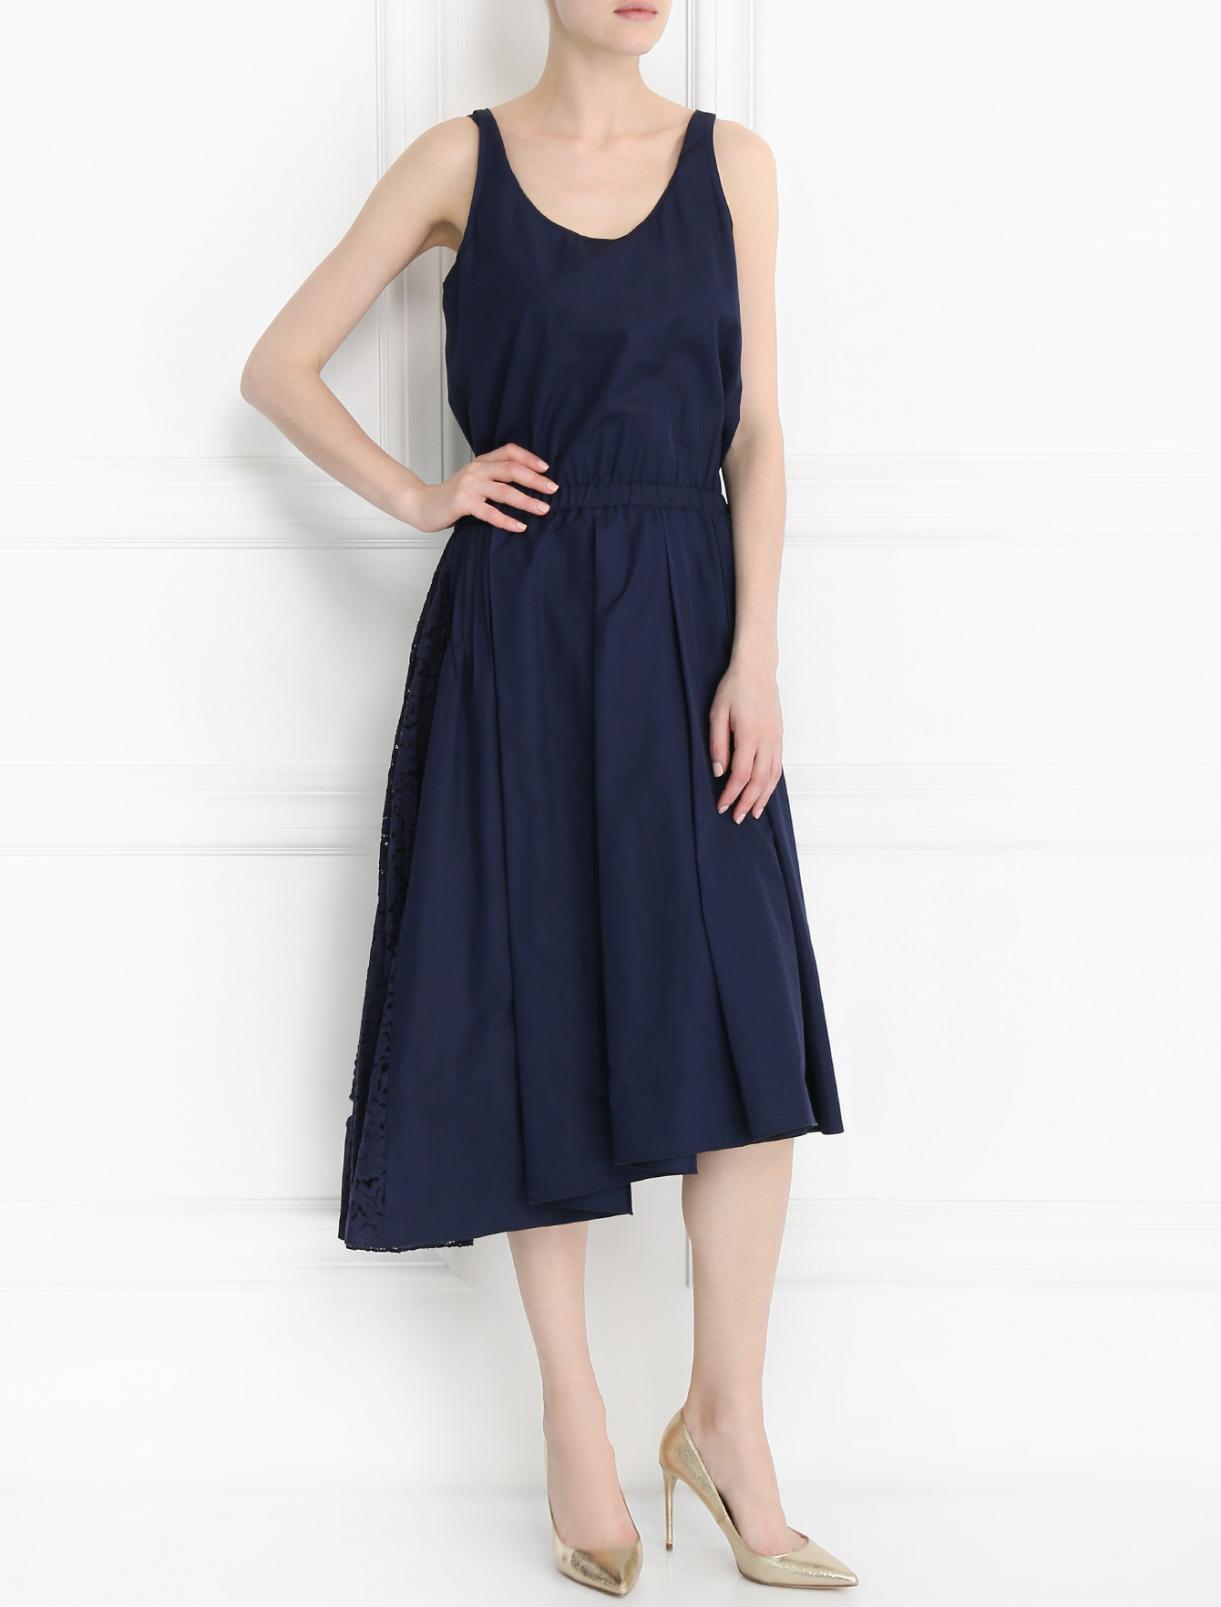 Платье из хлопка со вставкой из кружева N21  –  Модель Общий вид  – Цвет:  Синий